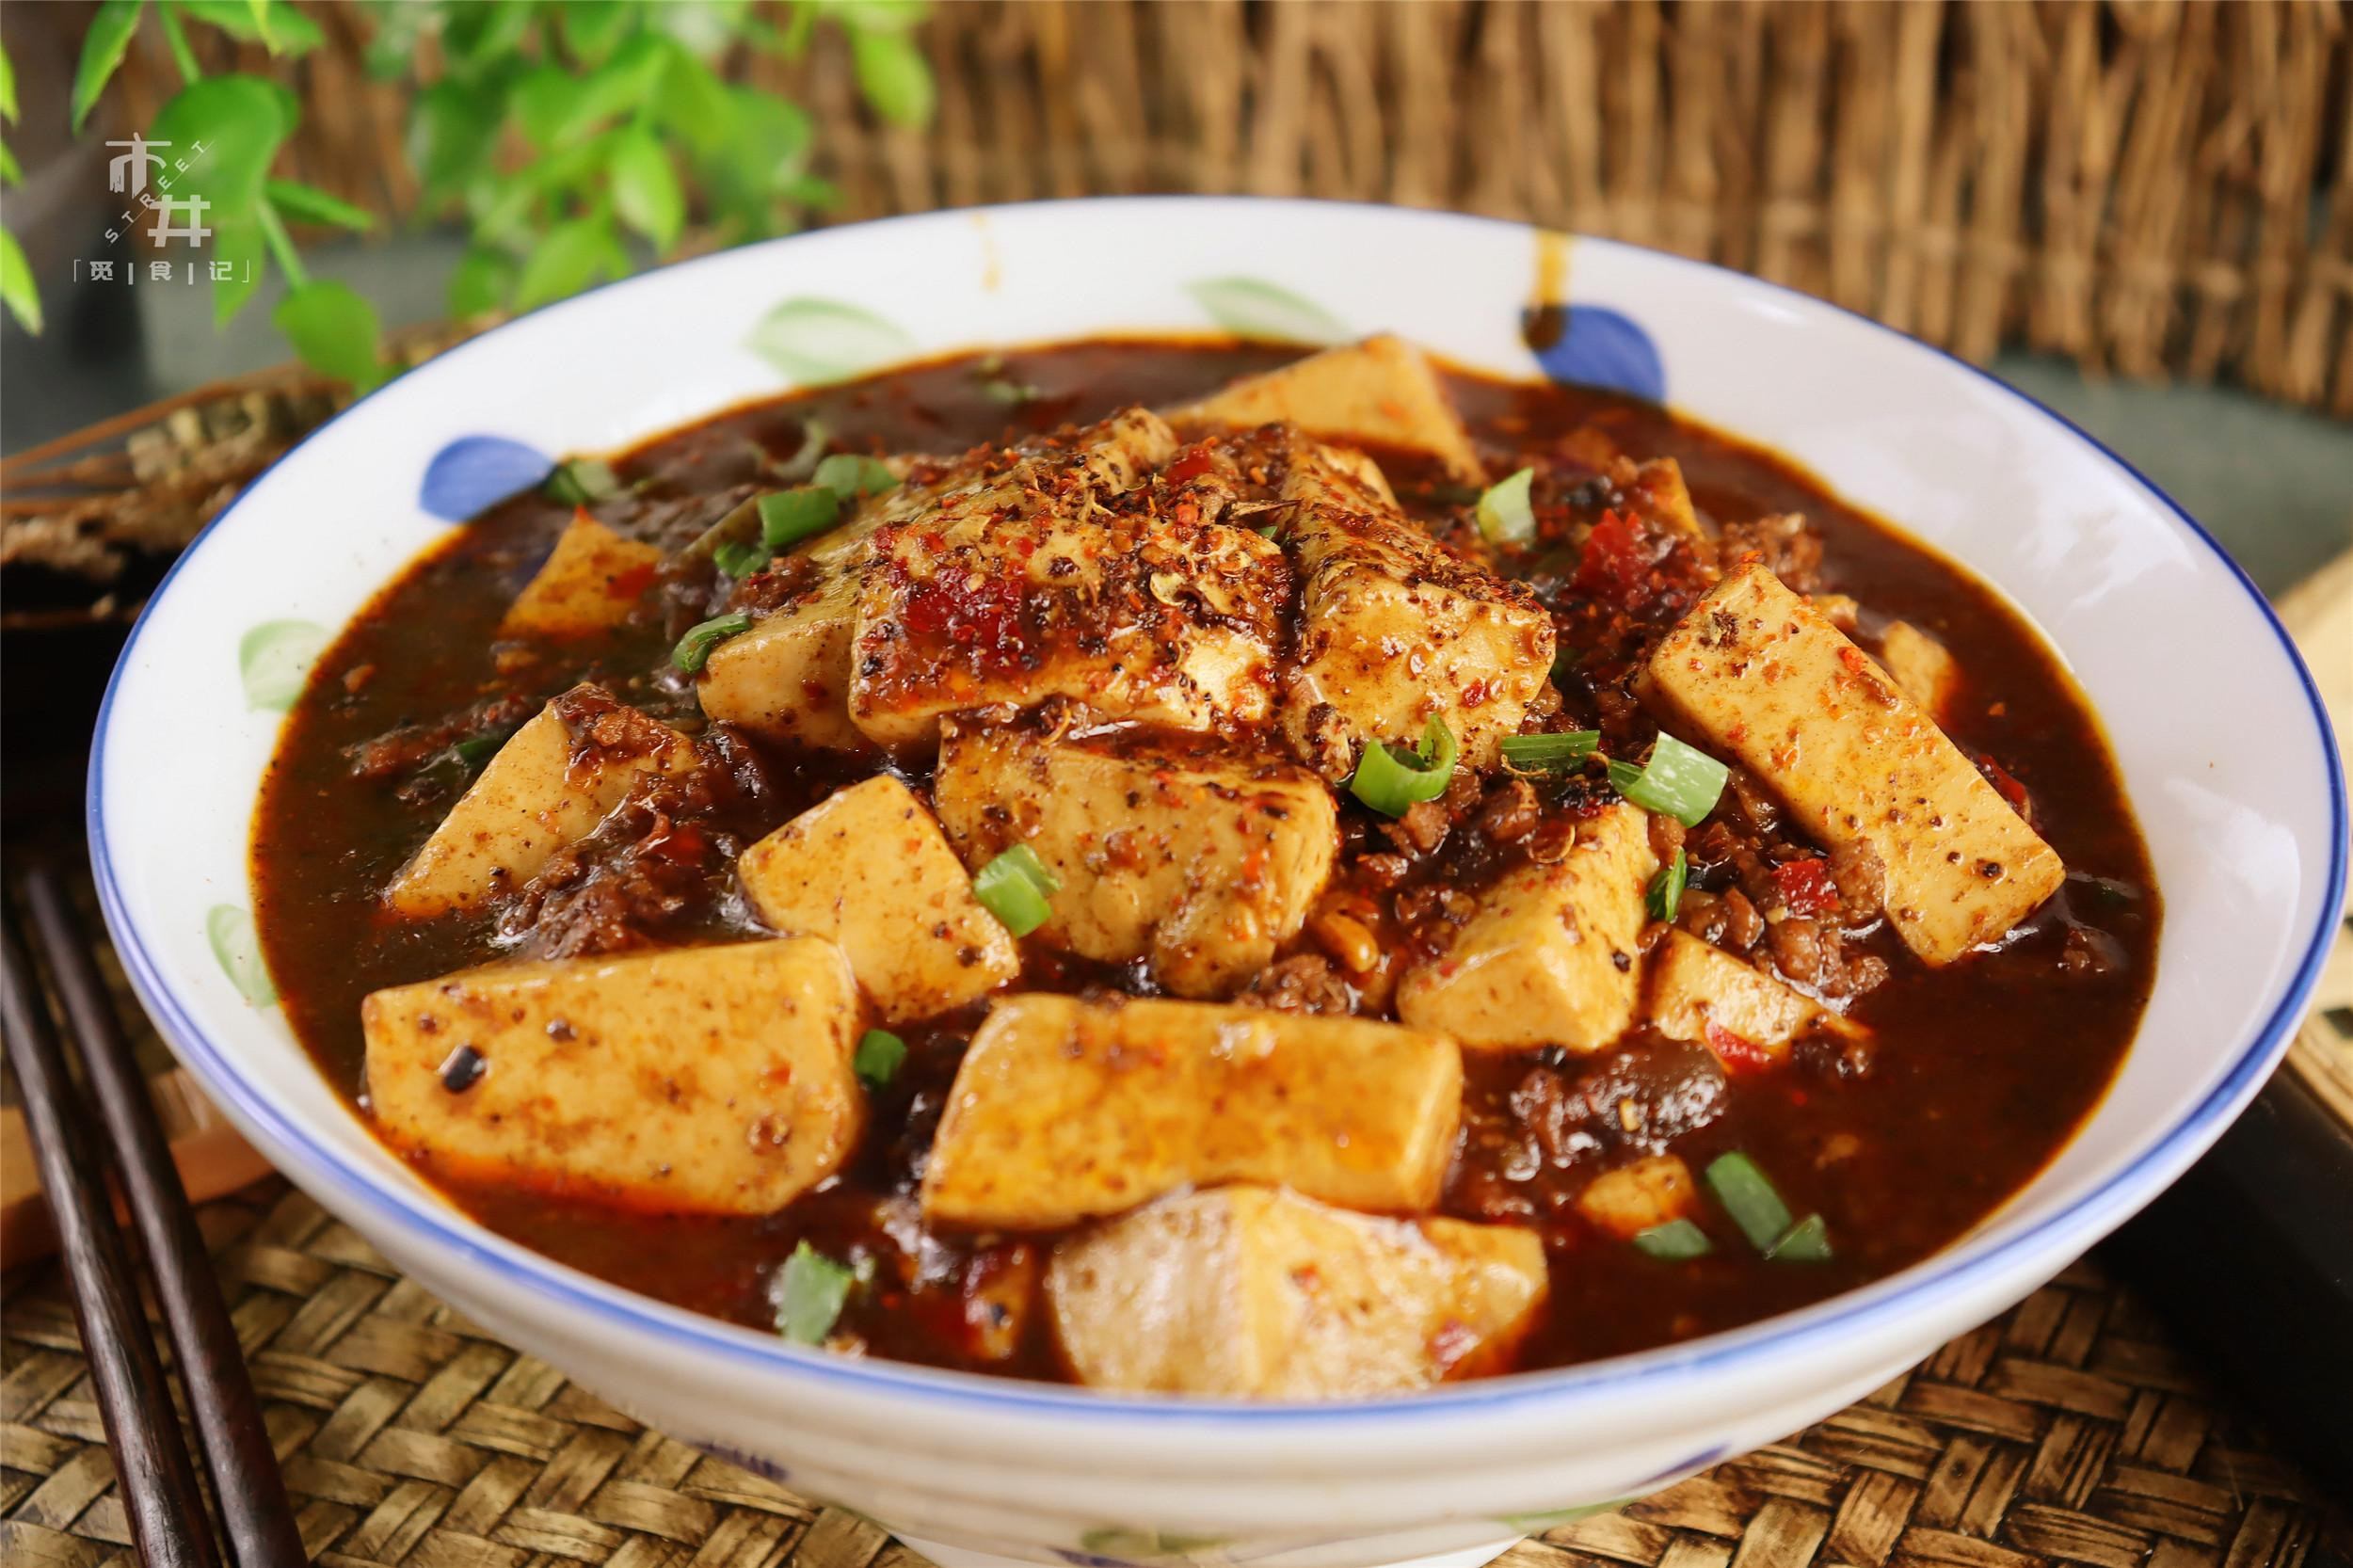 年底聚餐用的上,豆腐6种吃不烦的做法,有滋有味,不比吃肉差 美食做法 第2张